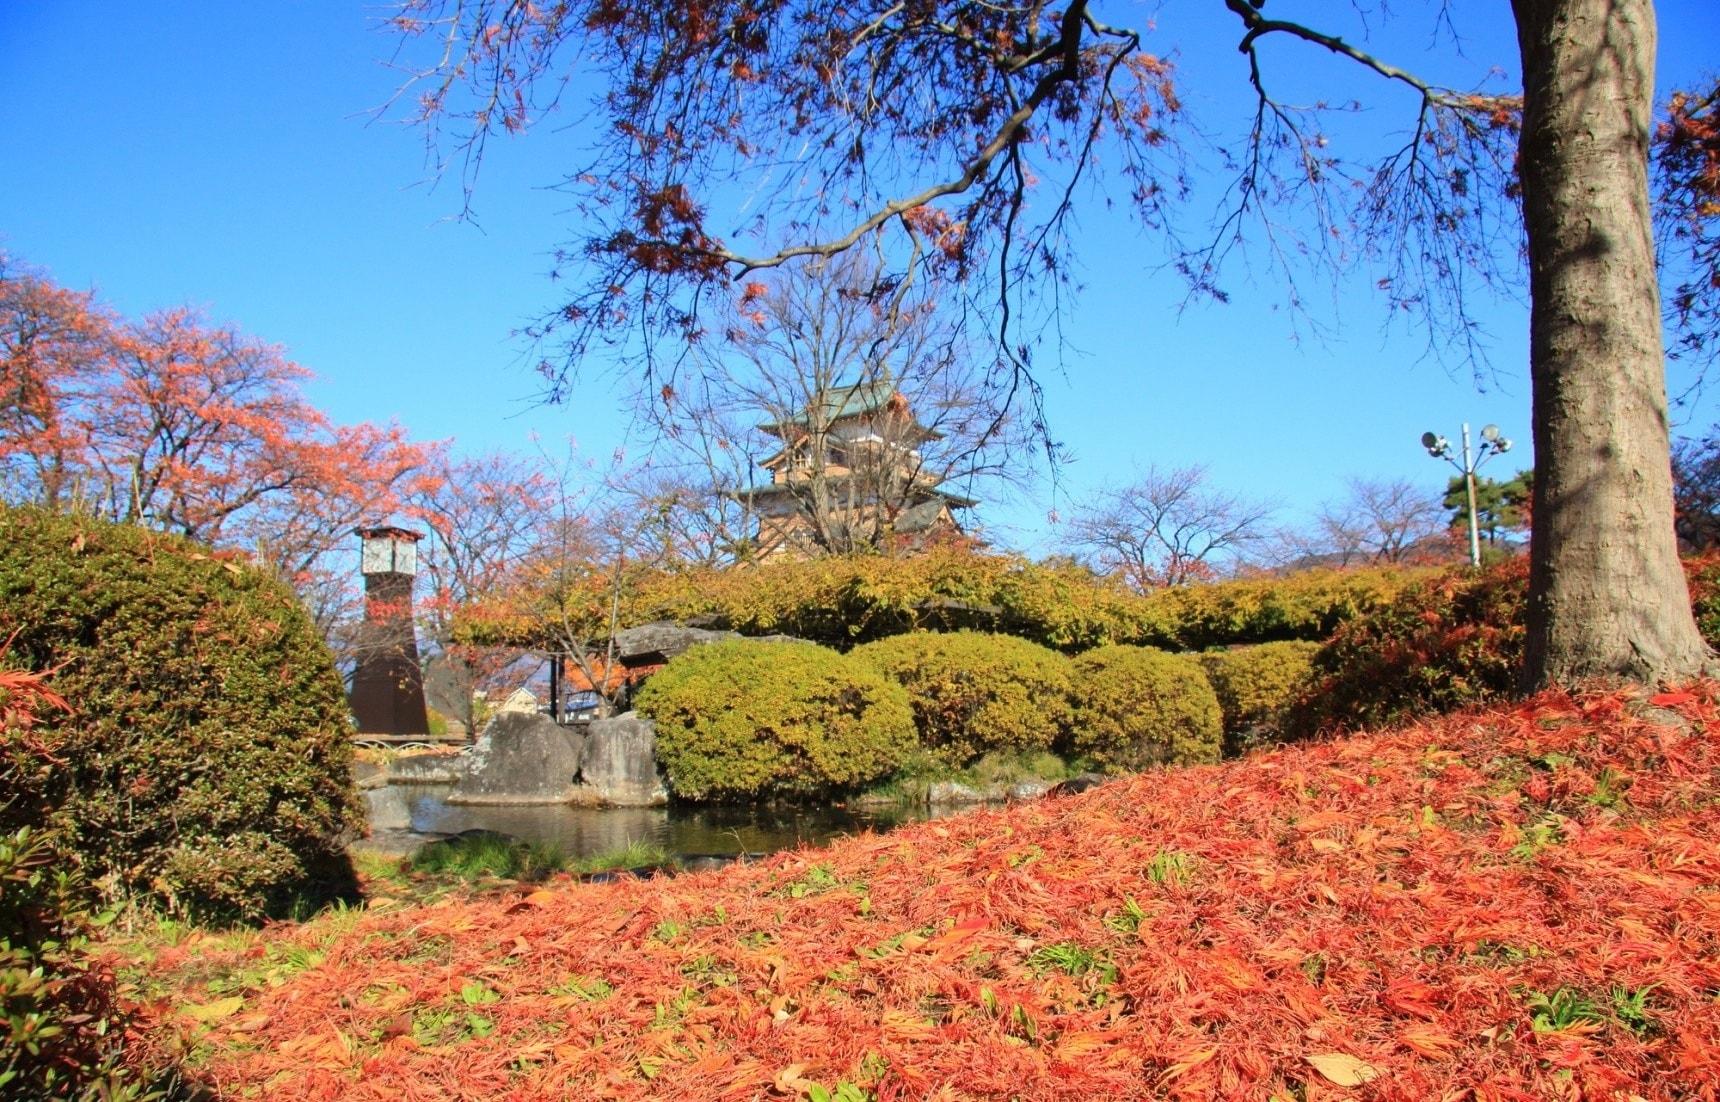 日本长野自由行:诹访古寺与古城的秋日红叶巡礼